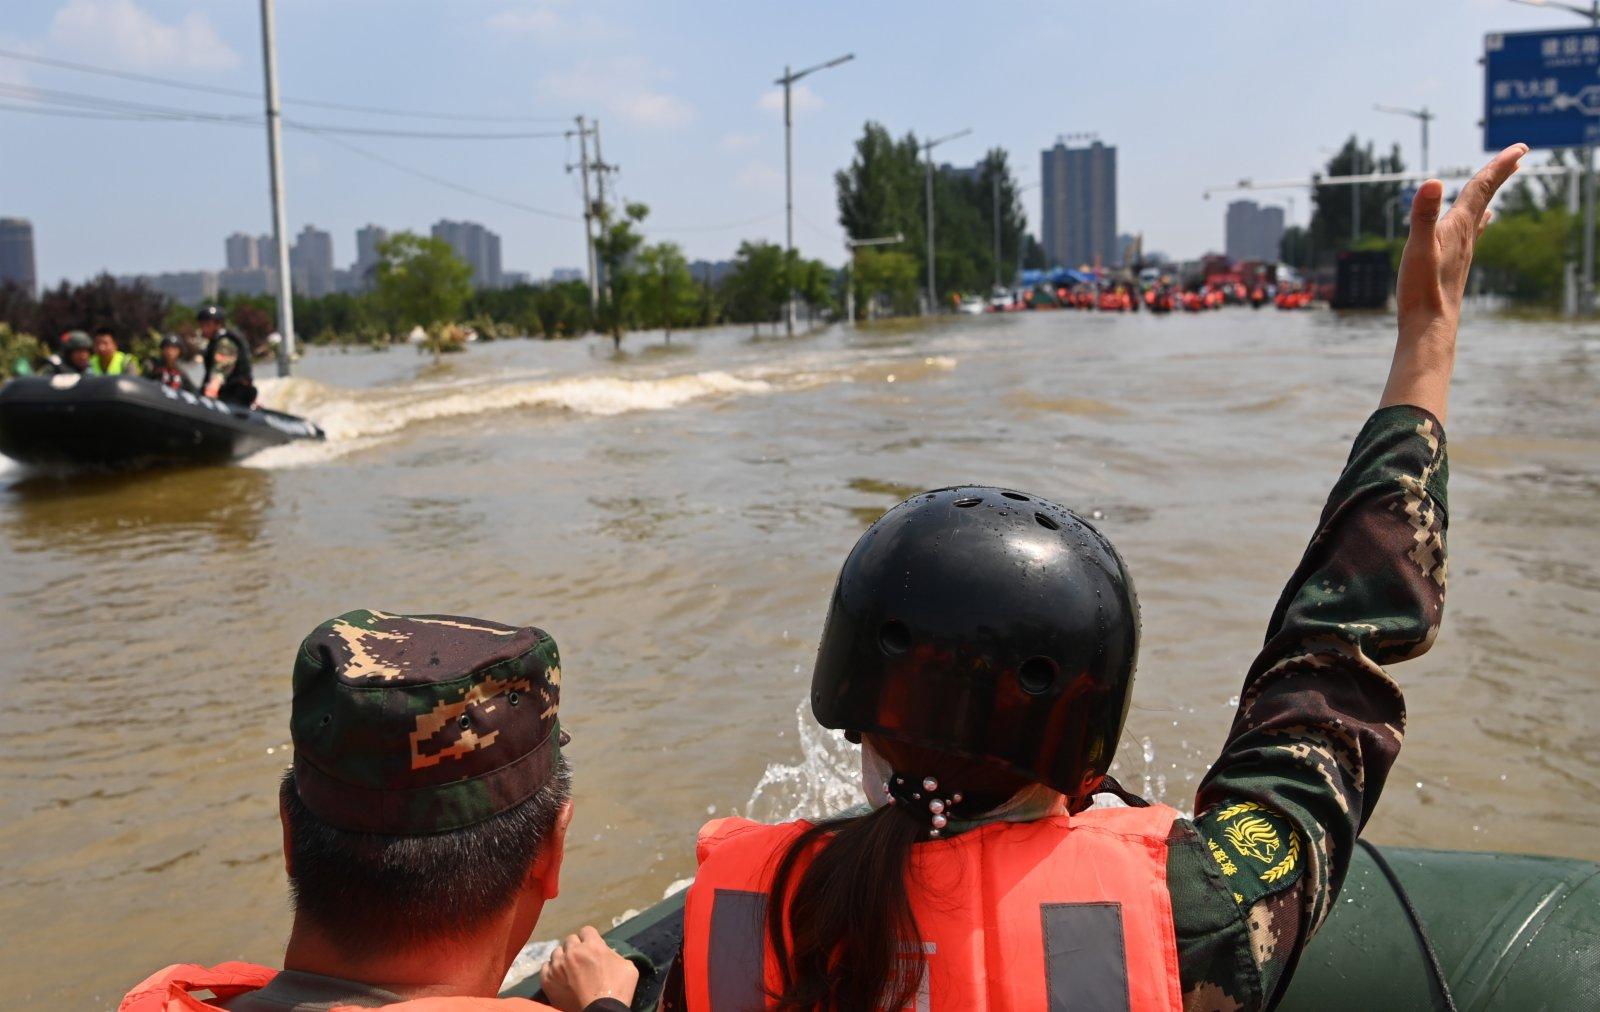 圖為佛山南獅退役軍人志願救援隊的一名隊員為衝鋒舟指揮方向。